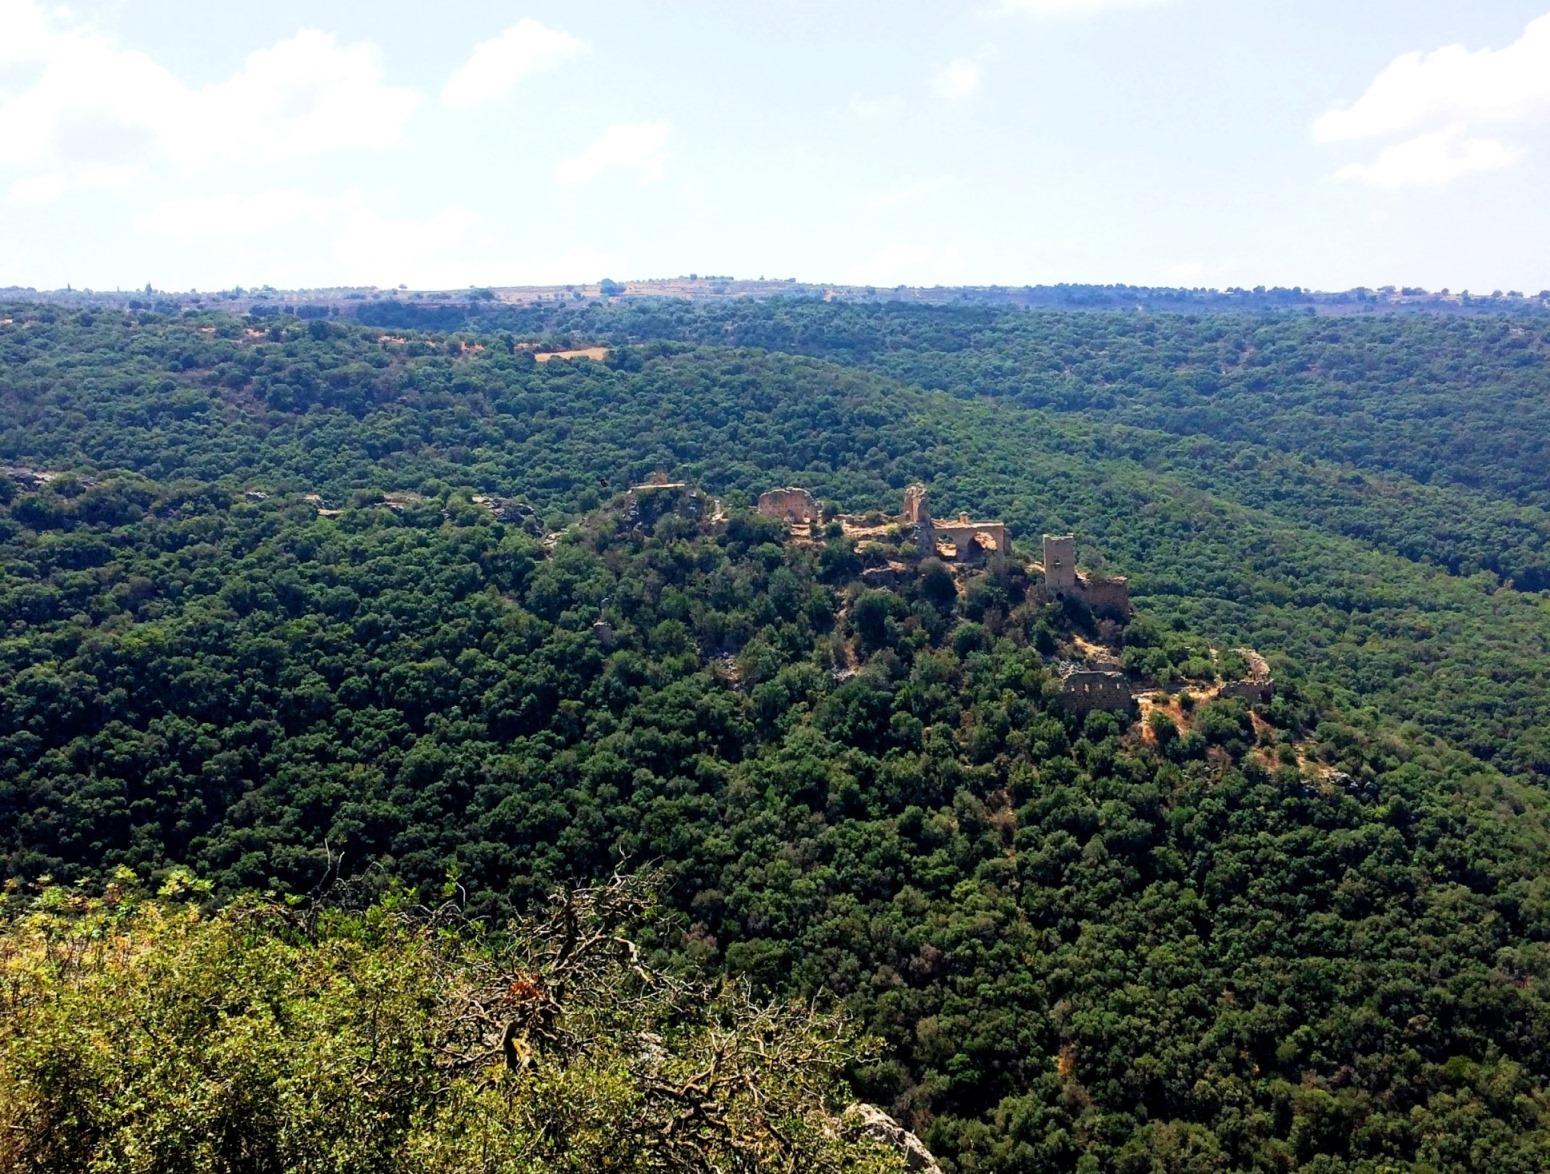 תצפית המונפורט מפארק גורן צילום אוצרות הגליל